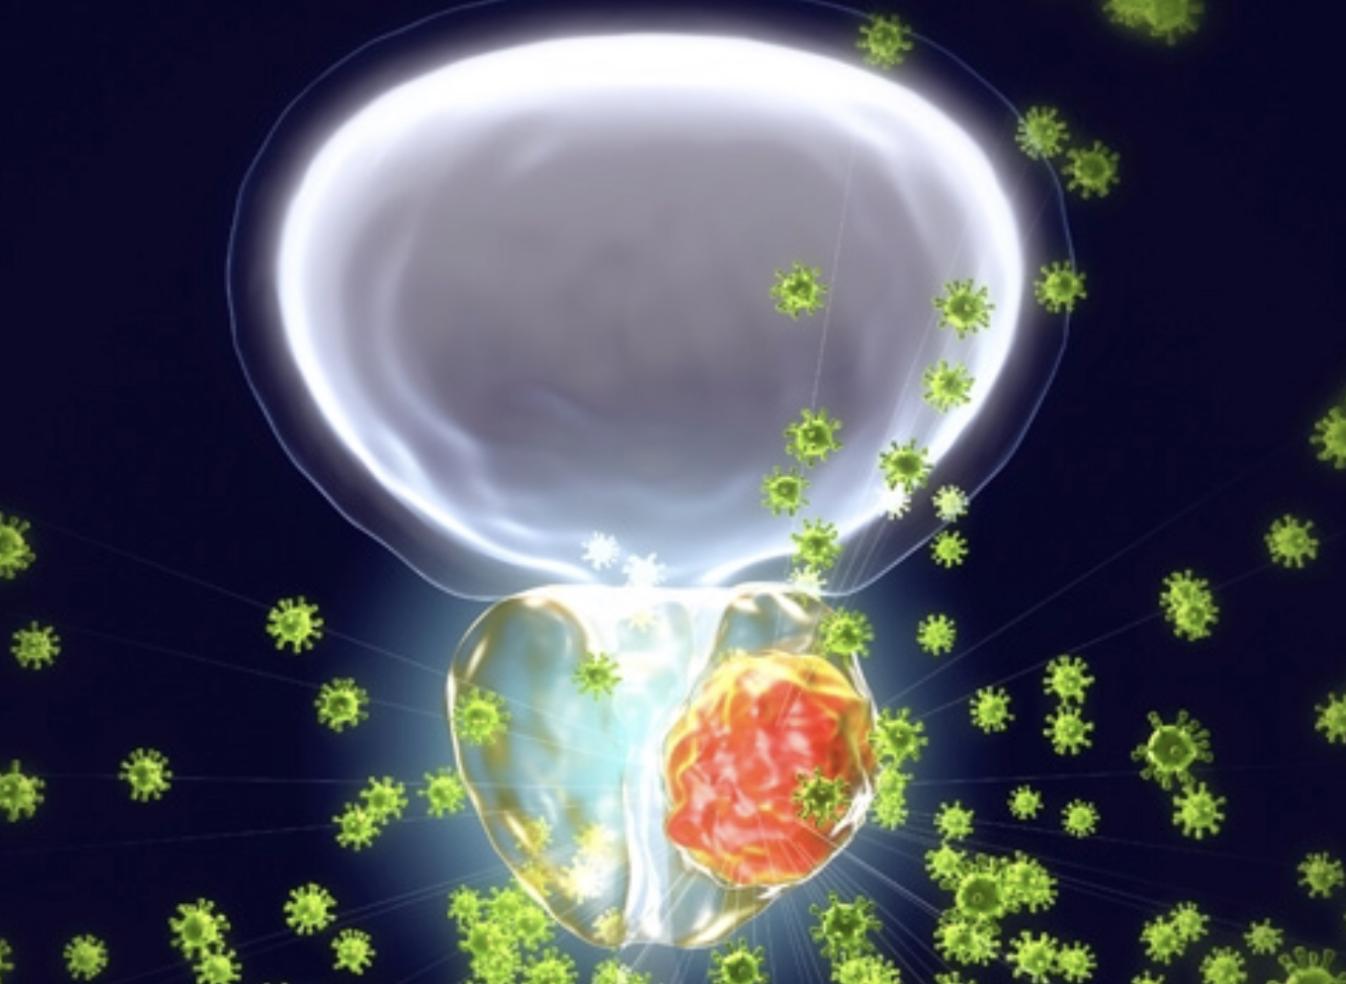 Primer Biomarcador En Sangre De Respuesta Terapéutica  Al Cáncer De Próstata Más Agresivo